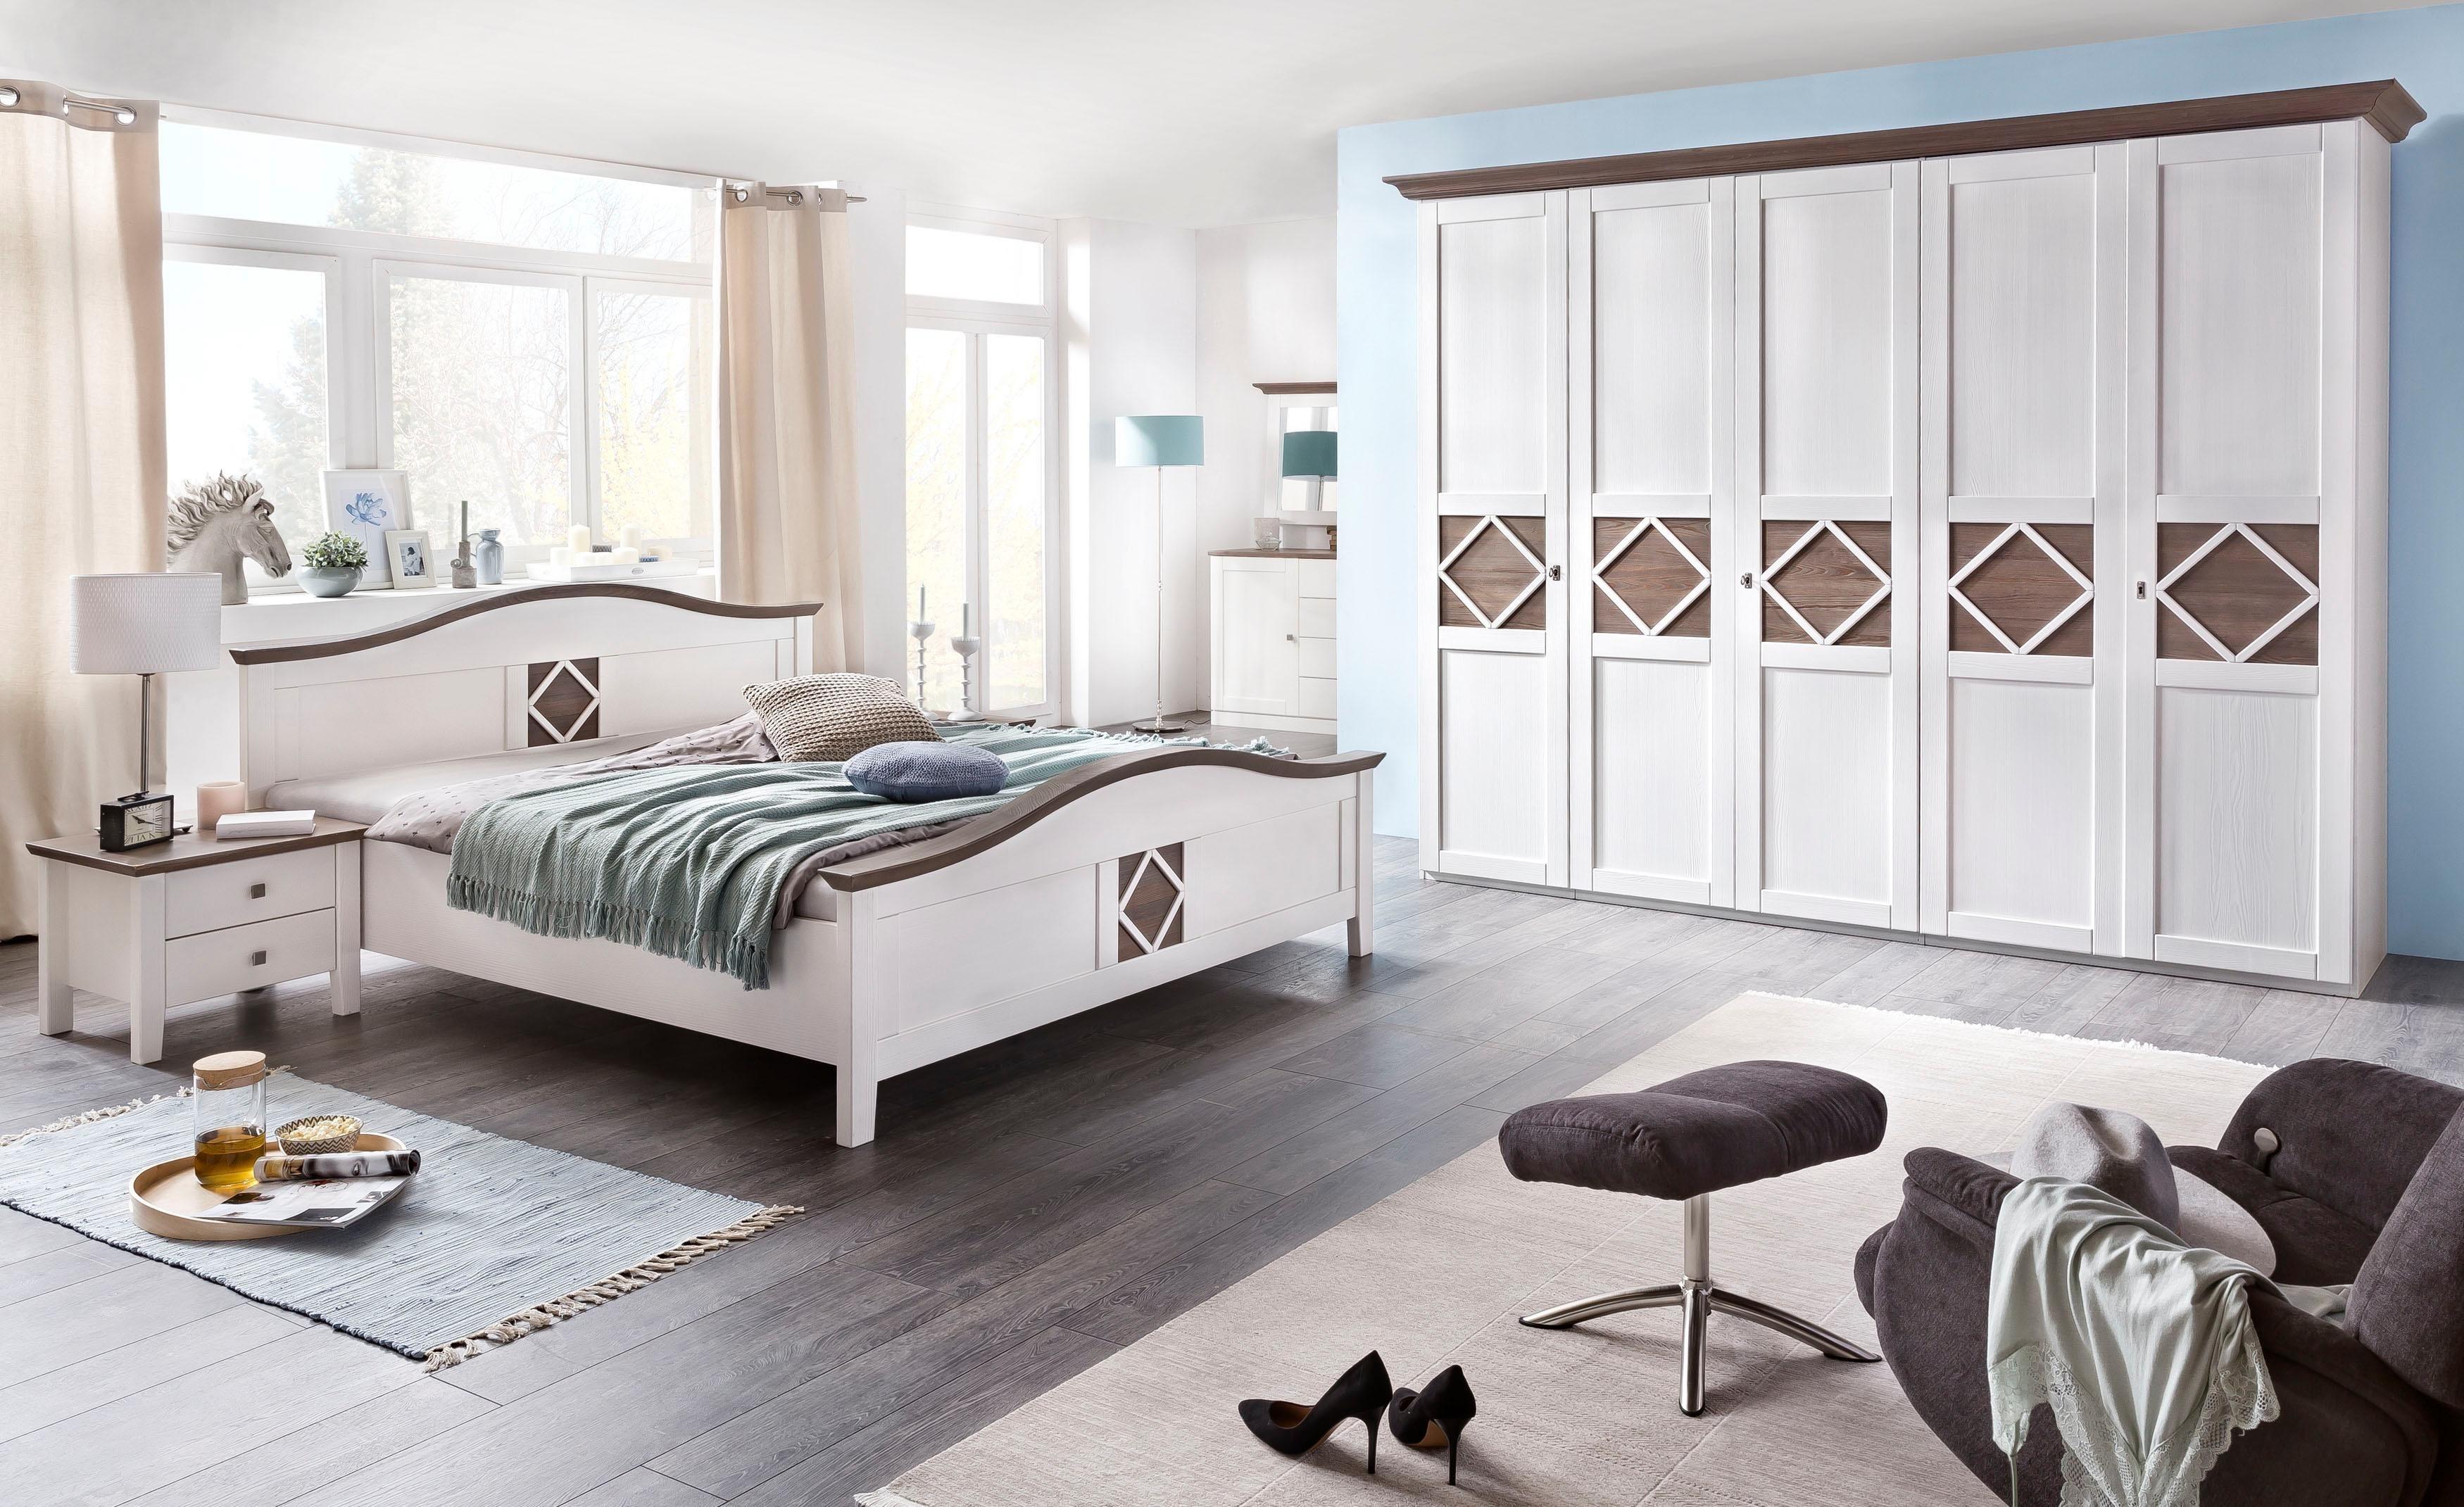 4-teiliges Schlafzimmer-Set «Mistral», 5-trg Schrank, Bett 180/200 cm, 2 Nachttische